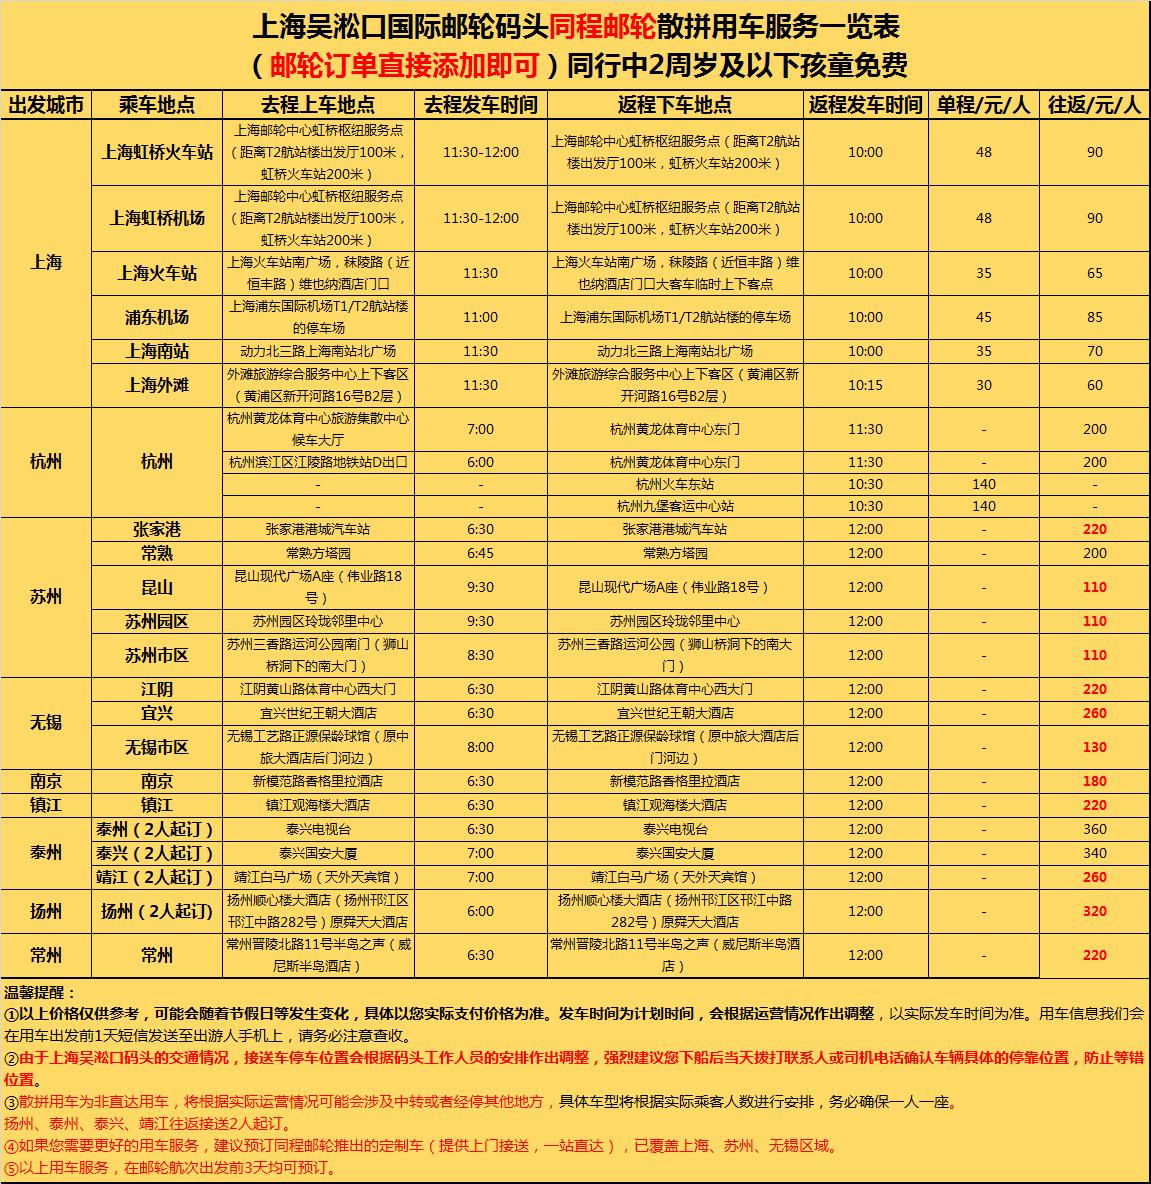 2019年散拼用车价目表.png